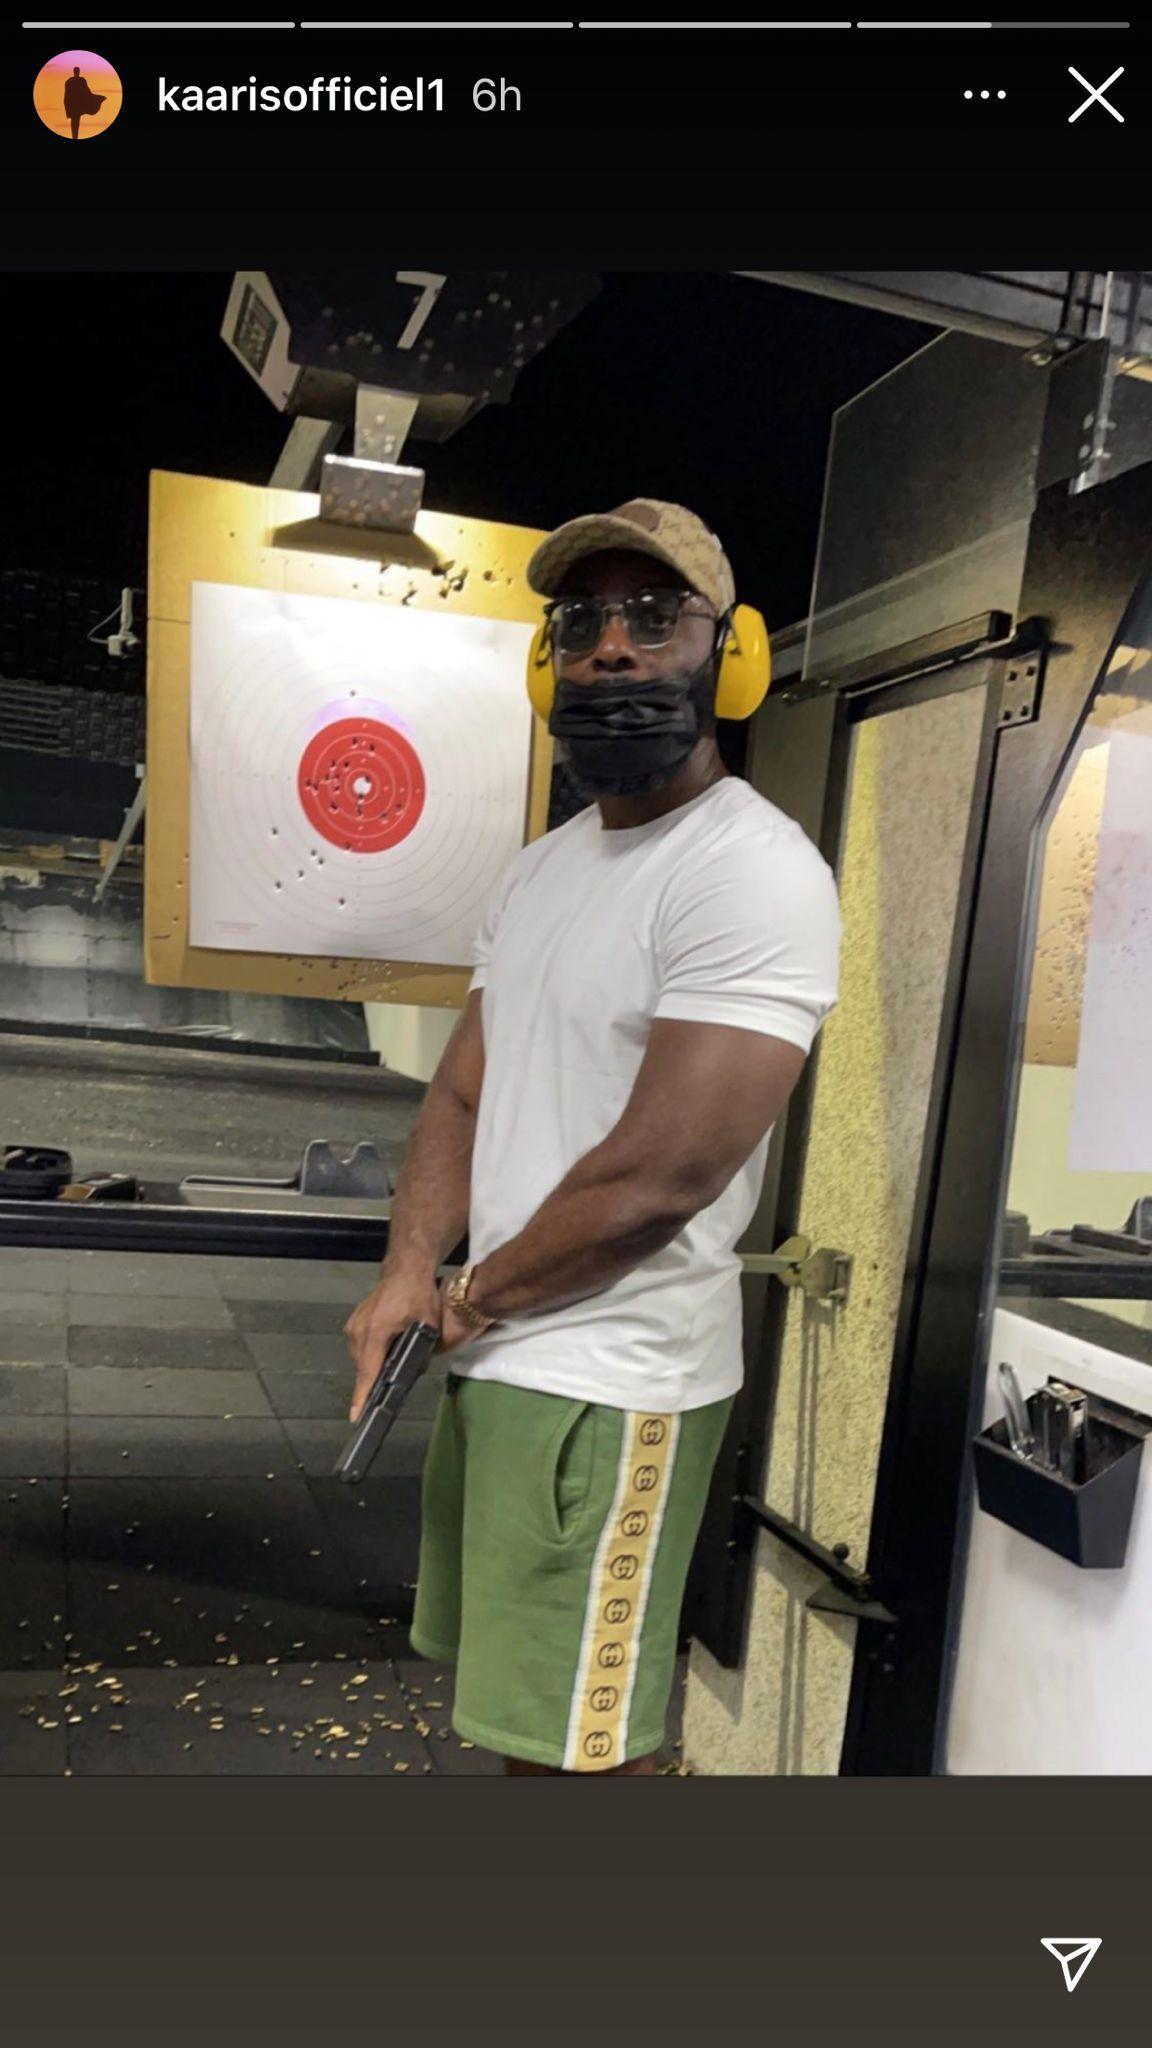 Kaaris armé sur Instagram